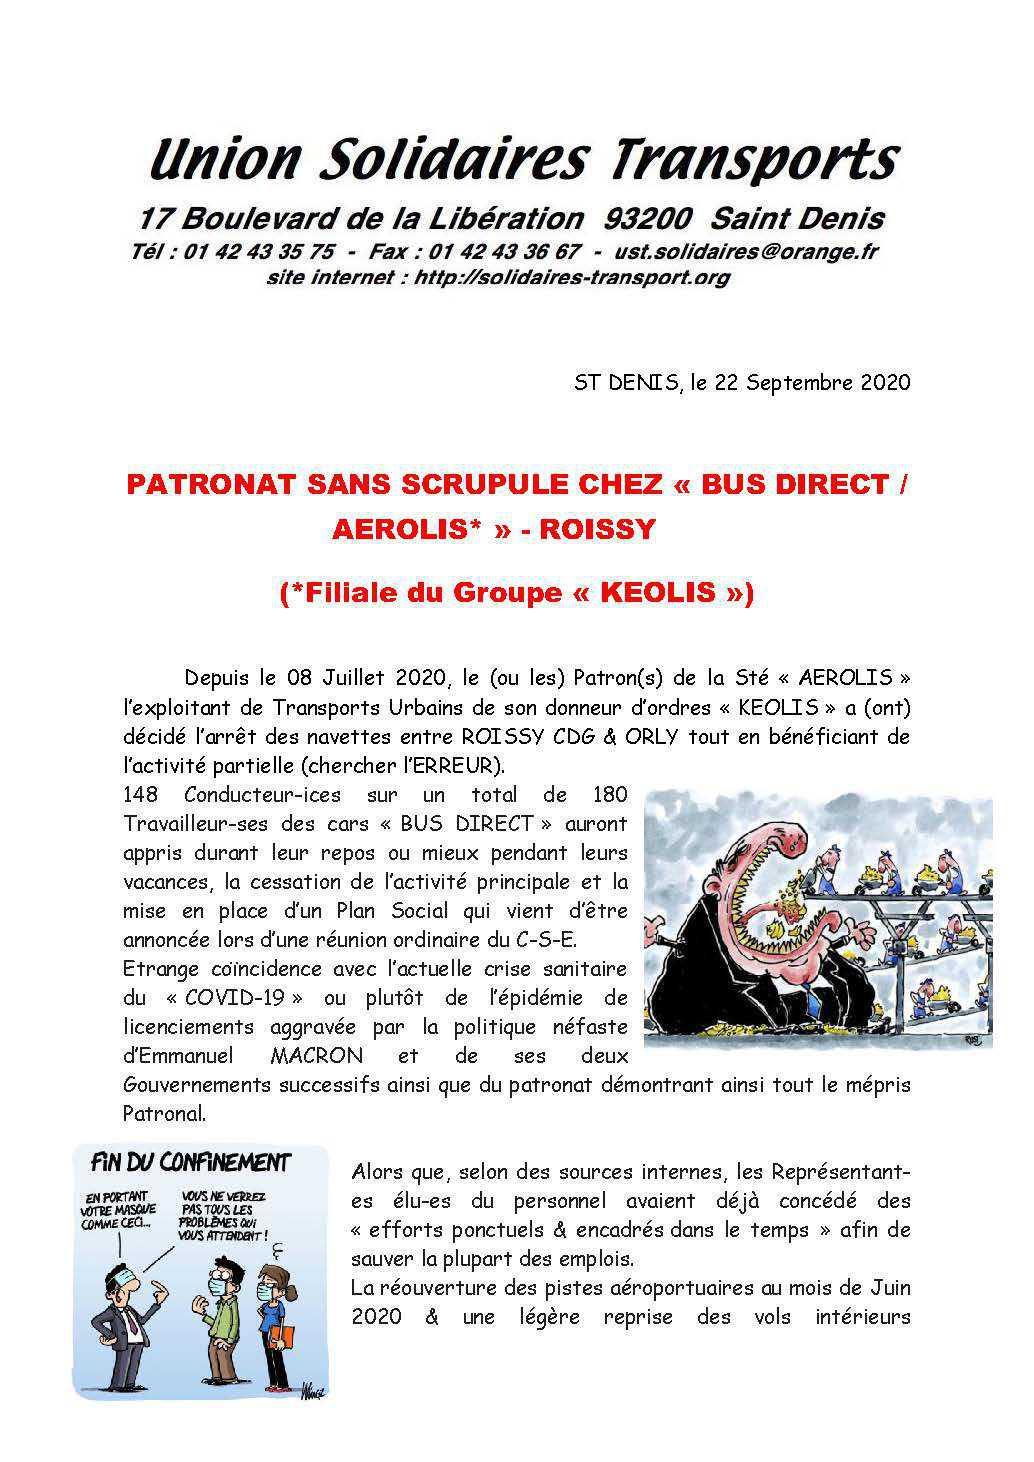 Tract U-S-T PATRONAT SANS SCRUPULE chez BUS DIRECTS CDG-ORLY KEOLIS AEROLIS